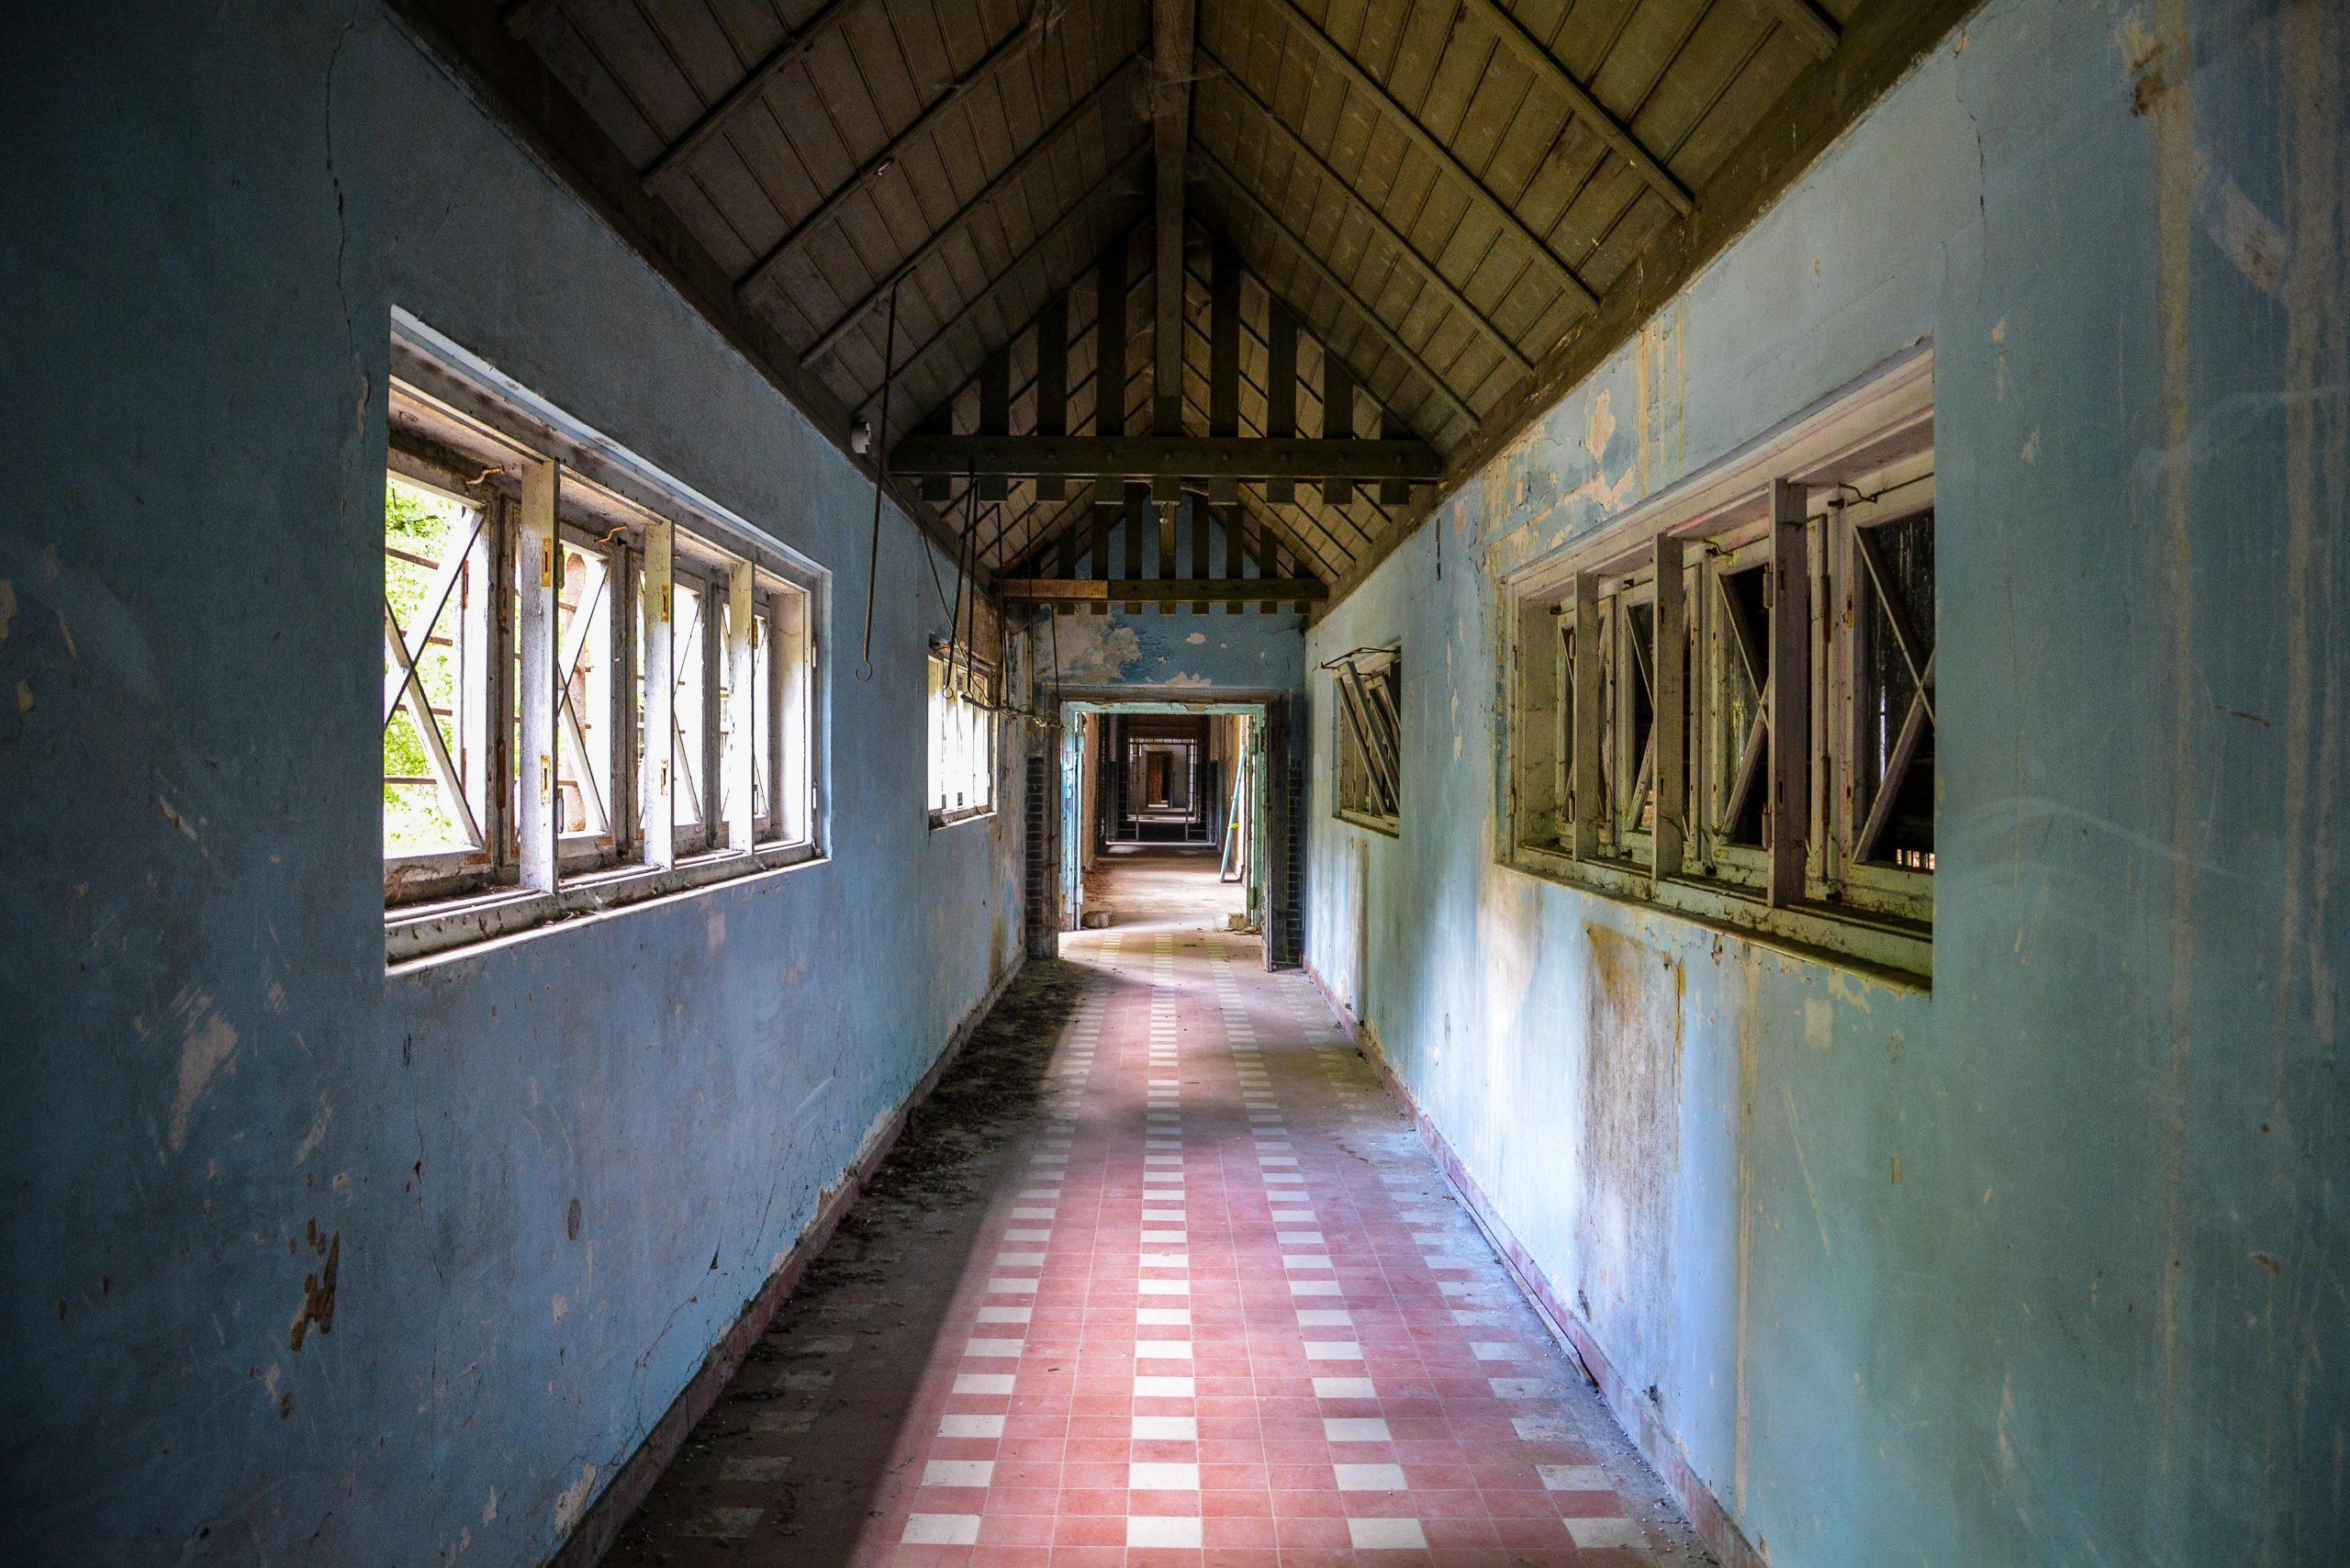 connecting hallway red tiles floor tuberkulose heilstaette grabowsee sanatorium hospital oranienburg lost places abandoned urbex brandenburg germany deutschland